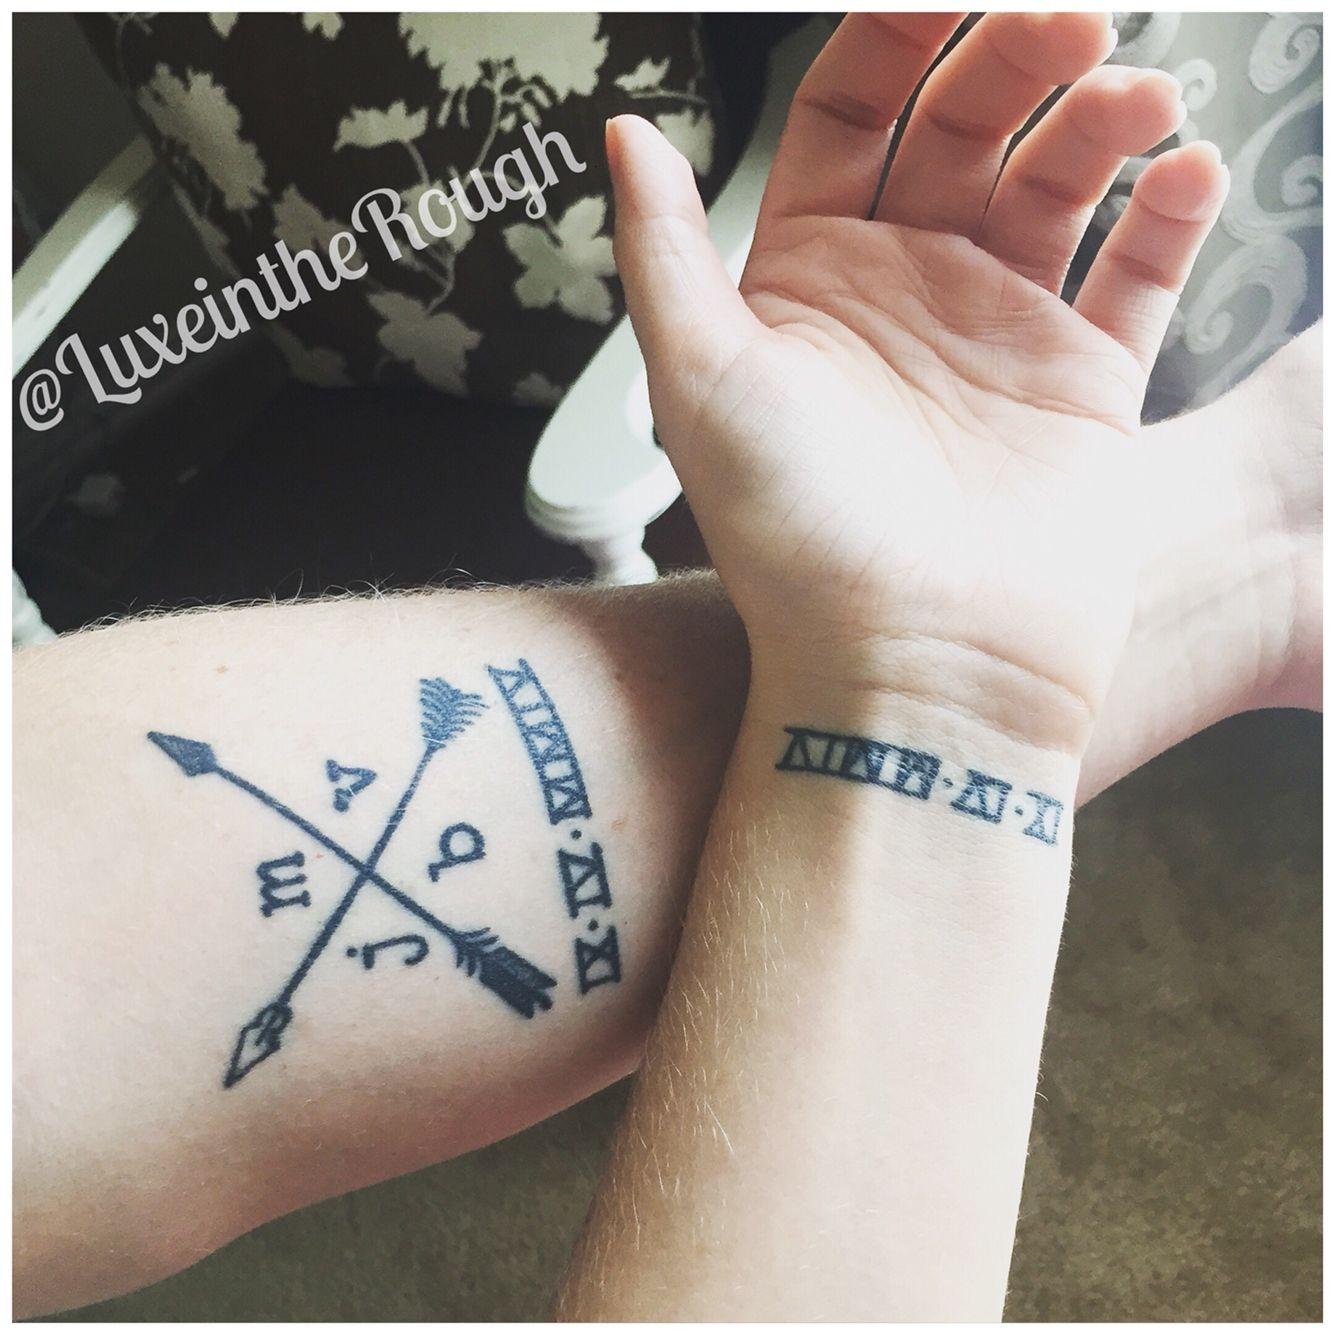 Bbw dee tattoo 47 dating